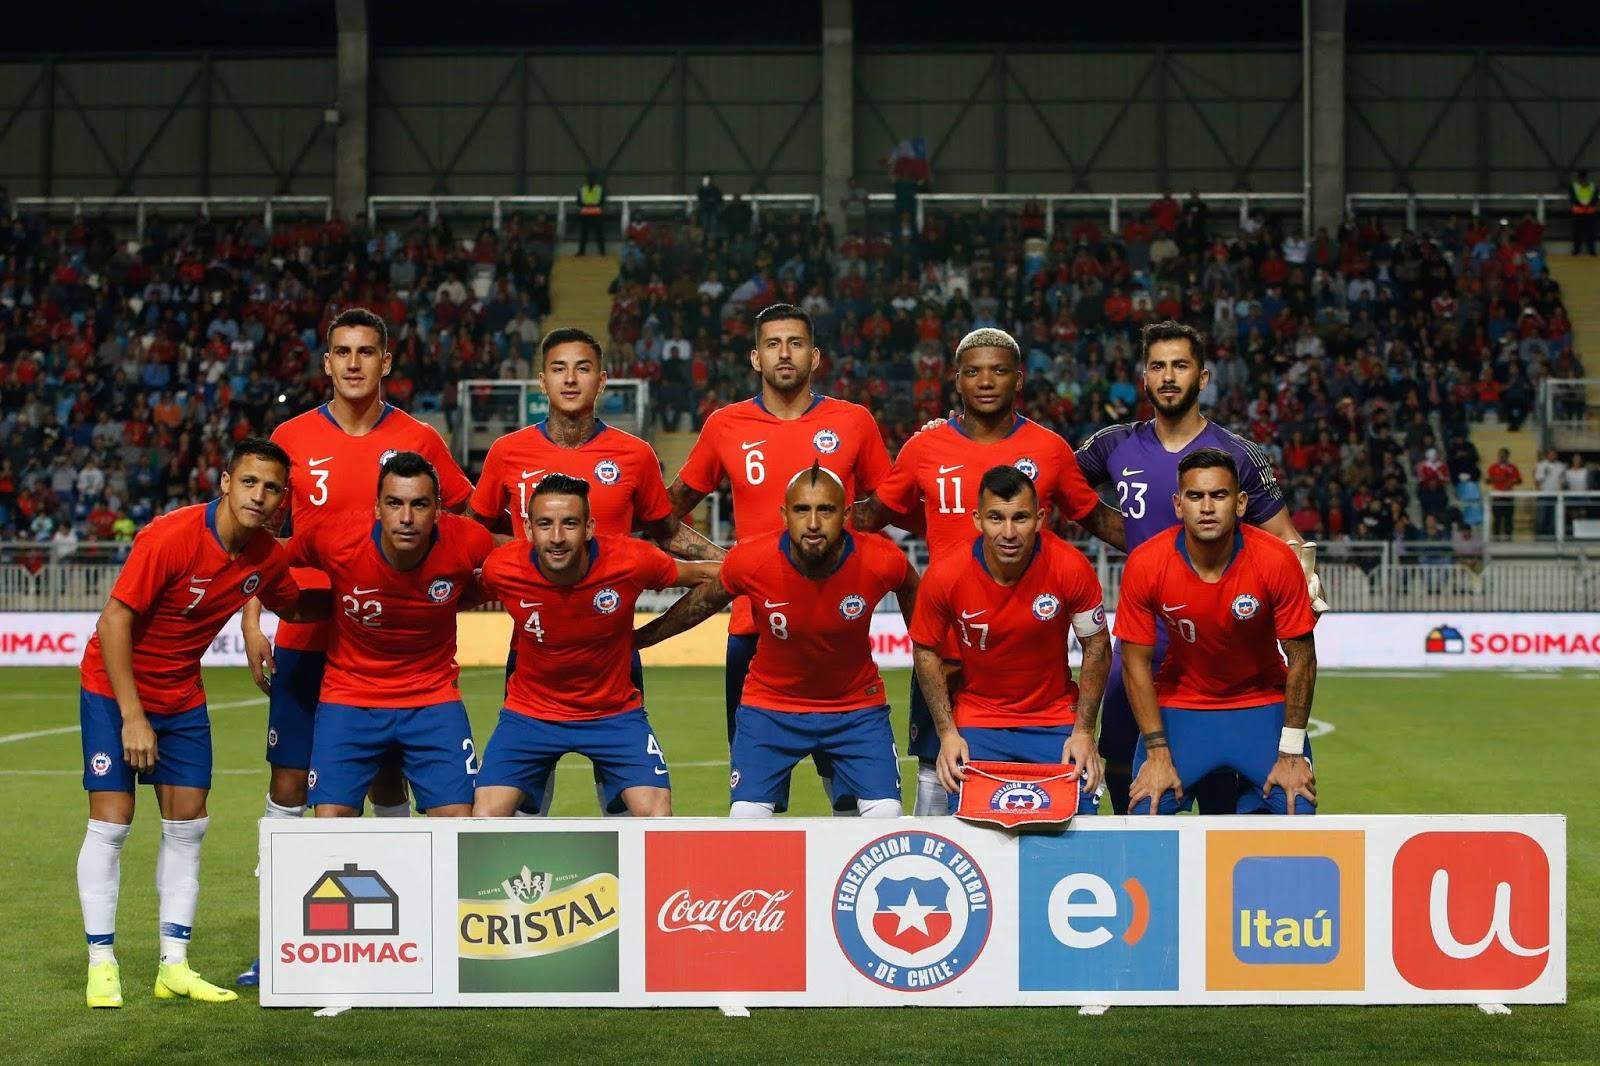 Formación de Chile ante Costa Rica, amistoso disputado el 16 de noviembre de 2018